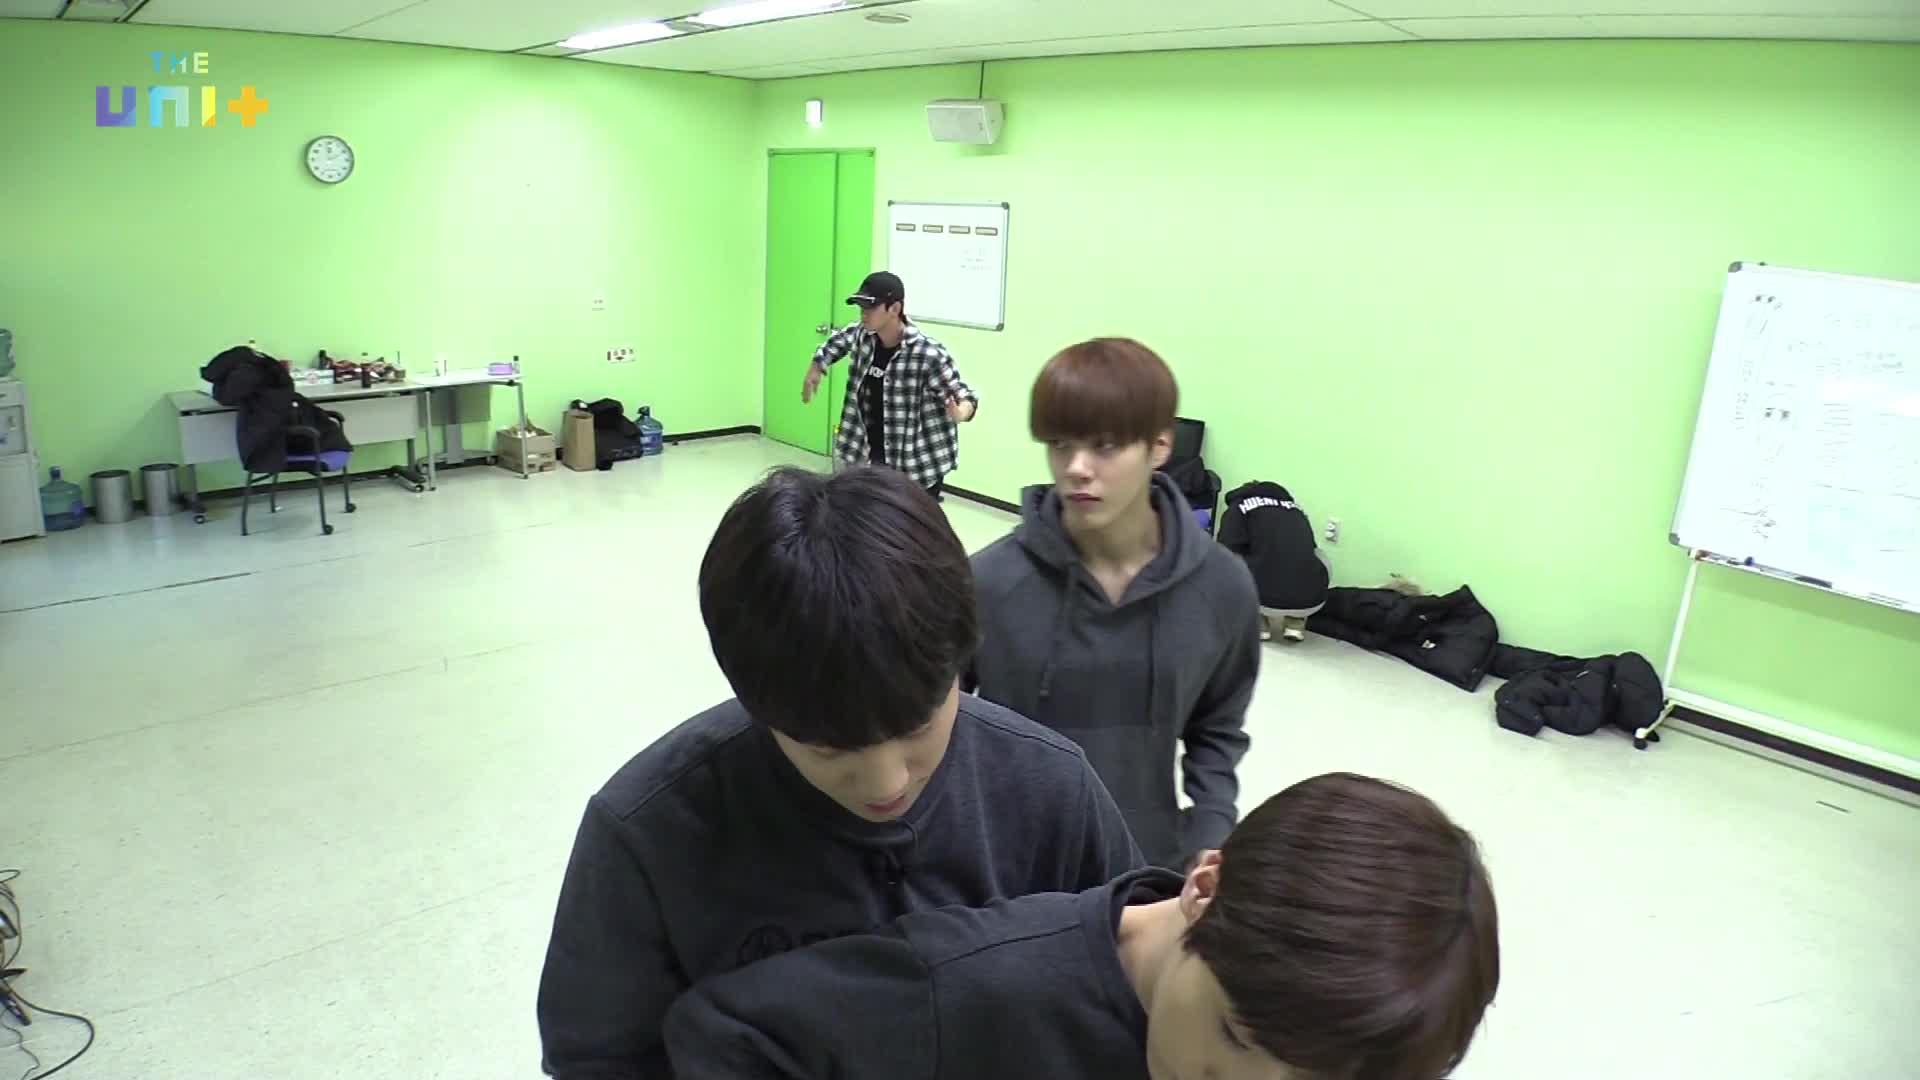 [유닛B] 하드털이/ ALL DAY [Unit B ALL DAY_Behind]